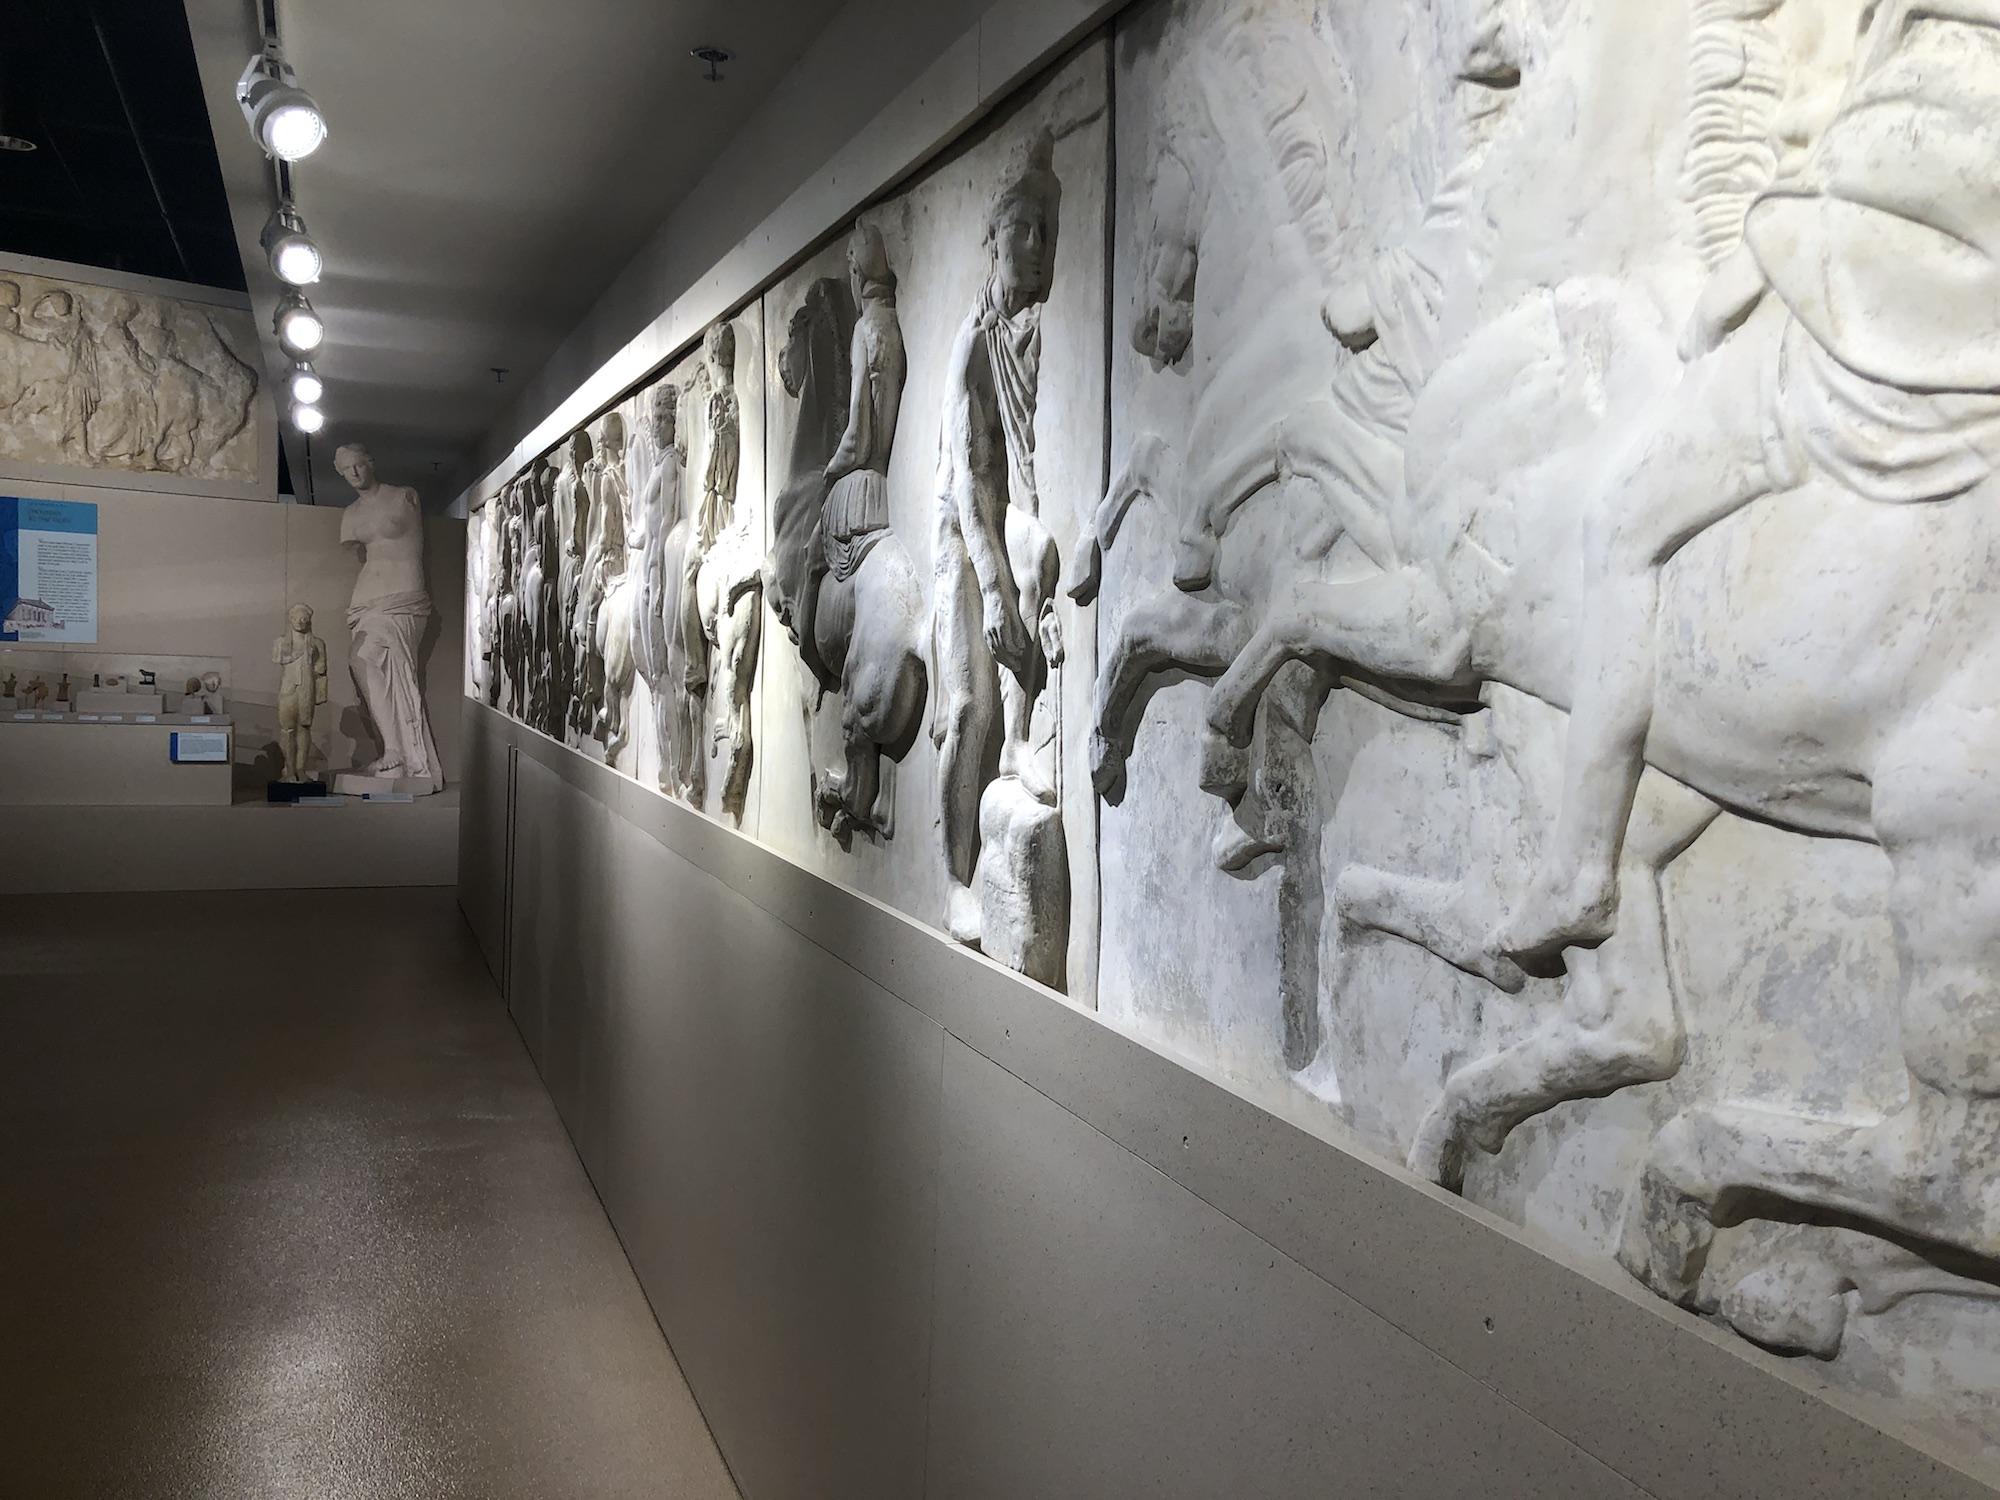 exhibits at spurlock museum